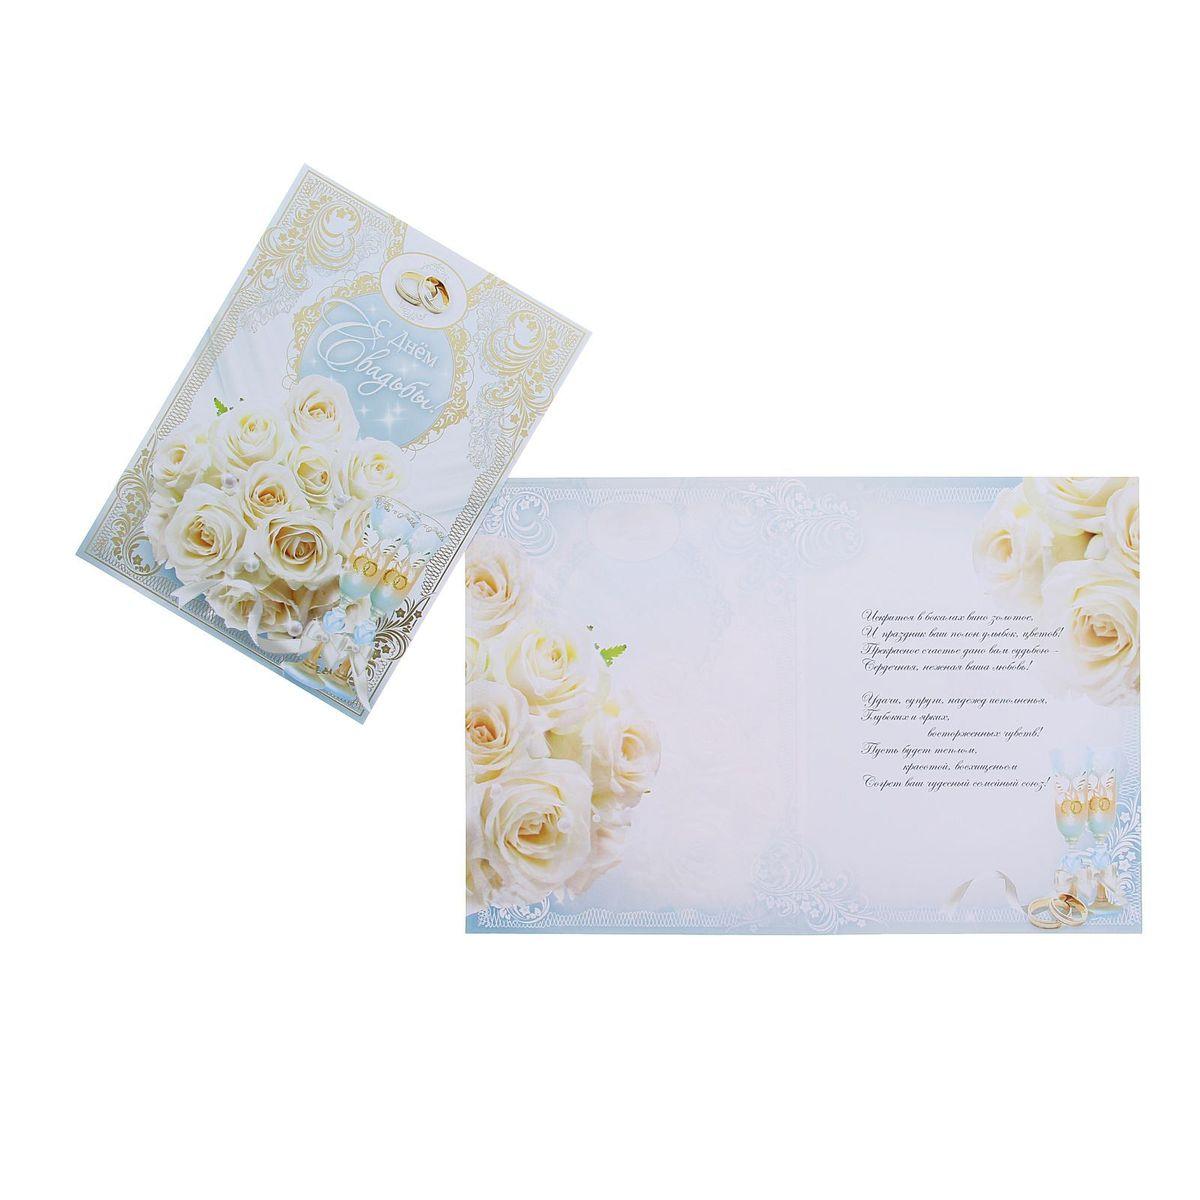 Открытка Атмосфера праздника С днем свадьбы! Белые цветы40689Если вы хотите порадовать себя или близких, создать праздничное настроение и с улыбкой провести памятный день, то вы, несомненно, сделали правильный выбор! Открытка Атмосфера праздника С днем свадьбы! Белые цветы, выполненная из плотной бумаги, отличается не только оригинальным дизайном, но и высоким качеством.Лицевая сторона изделия оформлена ярким изображением. Внутри открытка содержит текст с поздравлением.Такая открытка непременно порадует получателя и станет отличным напоминанием о проведенном вместе времени.